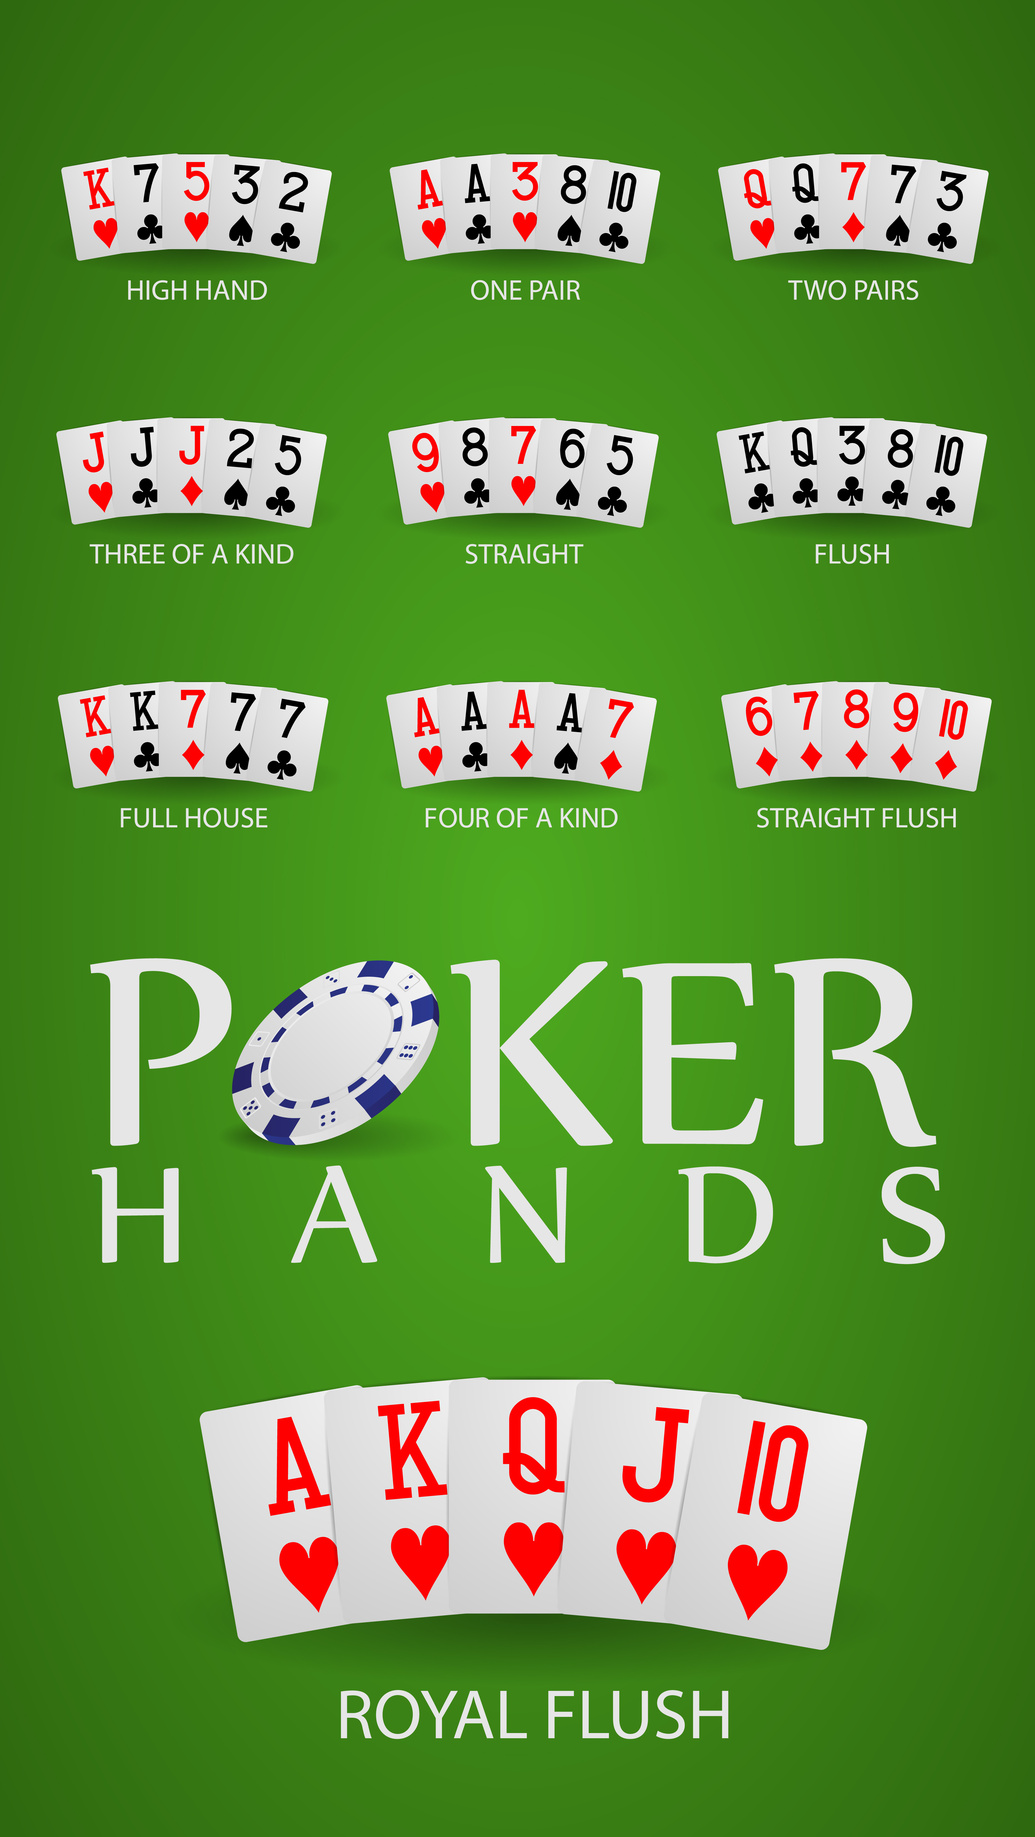 с в телефона онлайн игра покер